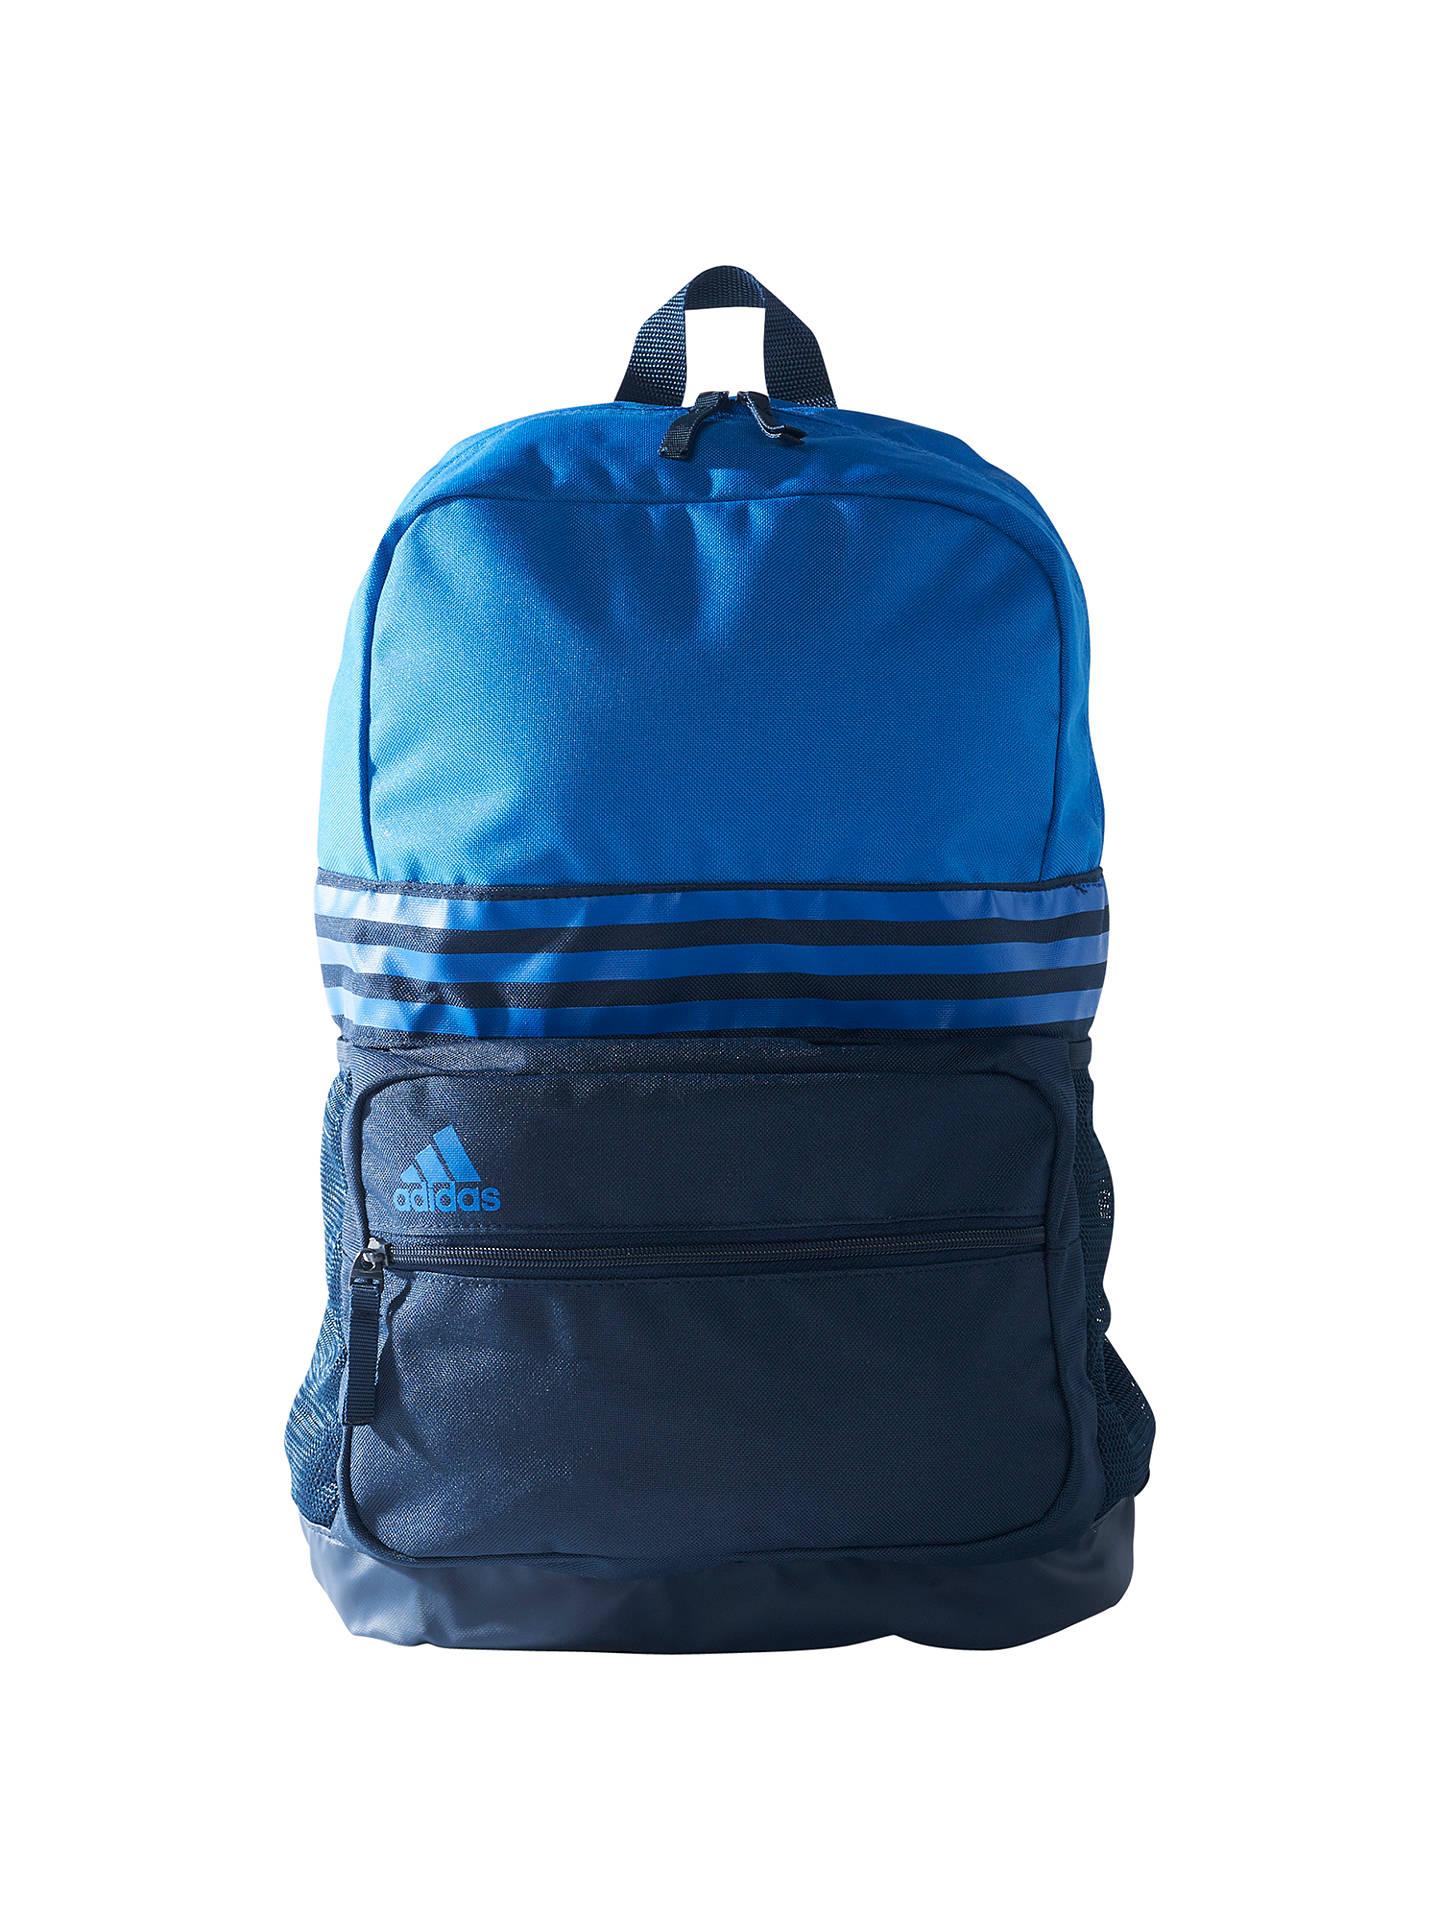 BuyAdidas 3-Stripes Medium Sports Backpack 7b860a50c7579